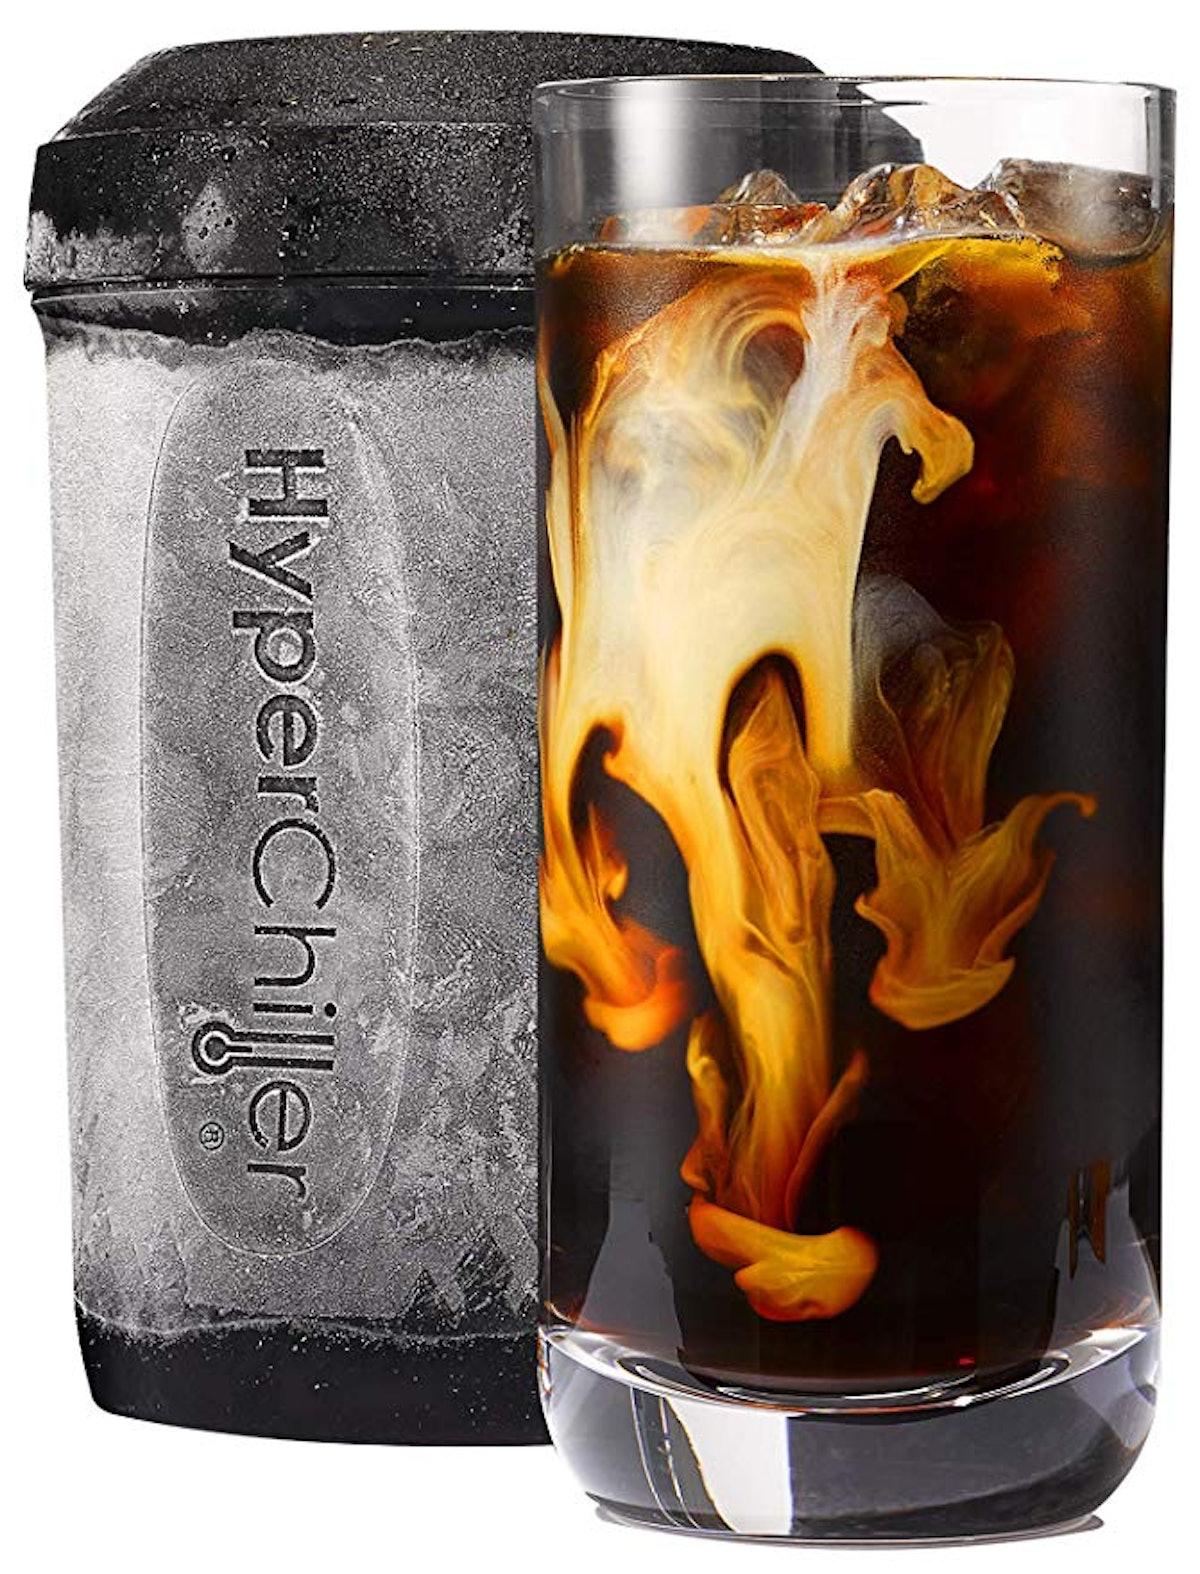 MAXI-MATIC HyperChiller Coffee/Beverage Cooler